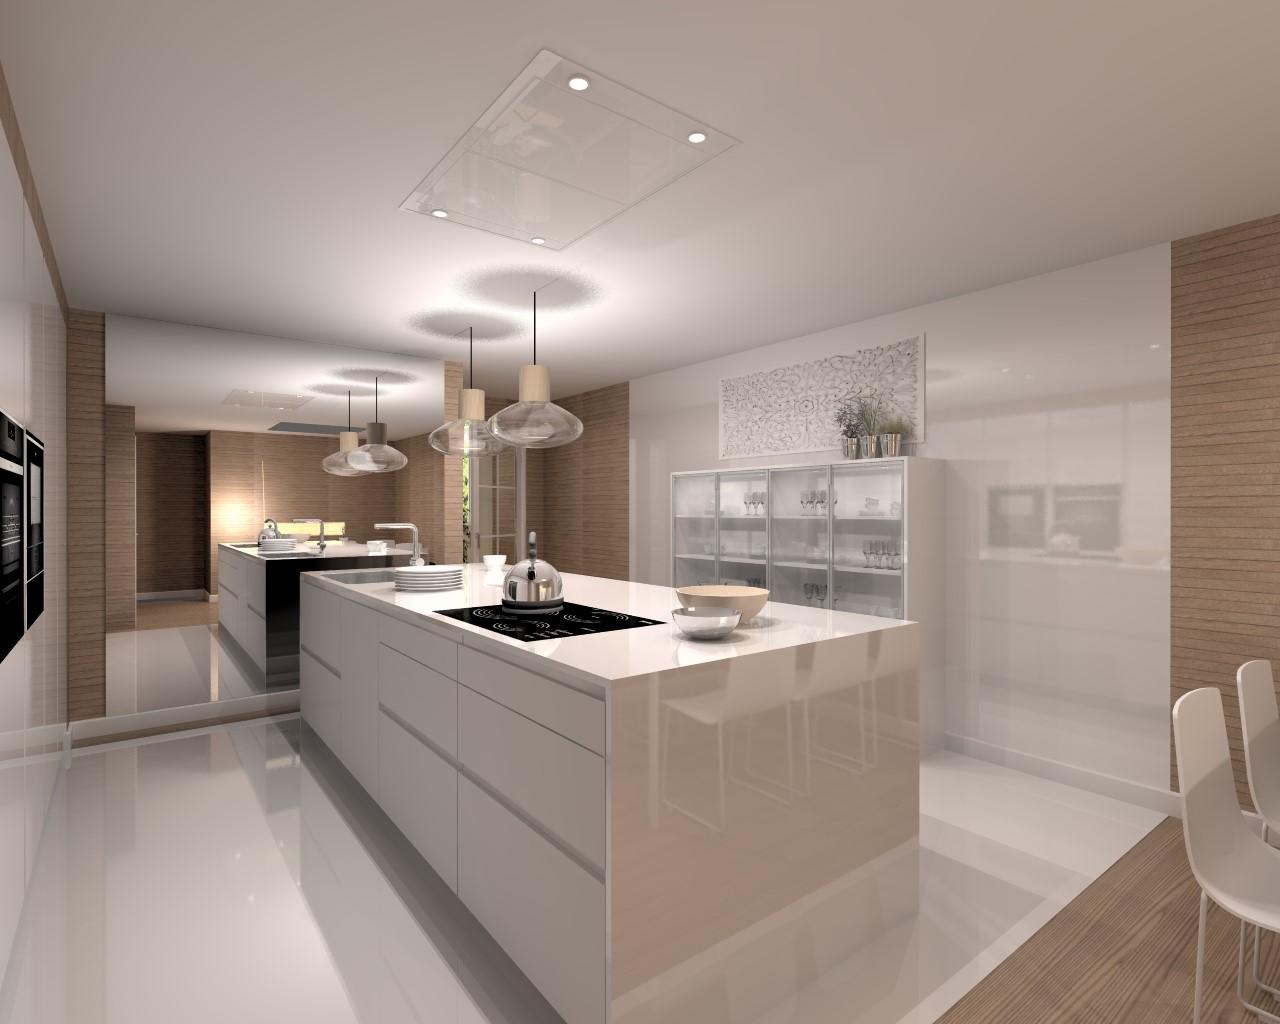 Proyectos de cocinas docrys cocinas - Presupuesto encimera silestone ...